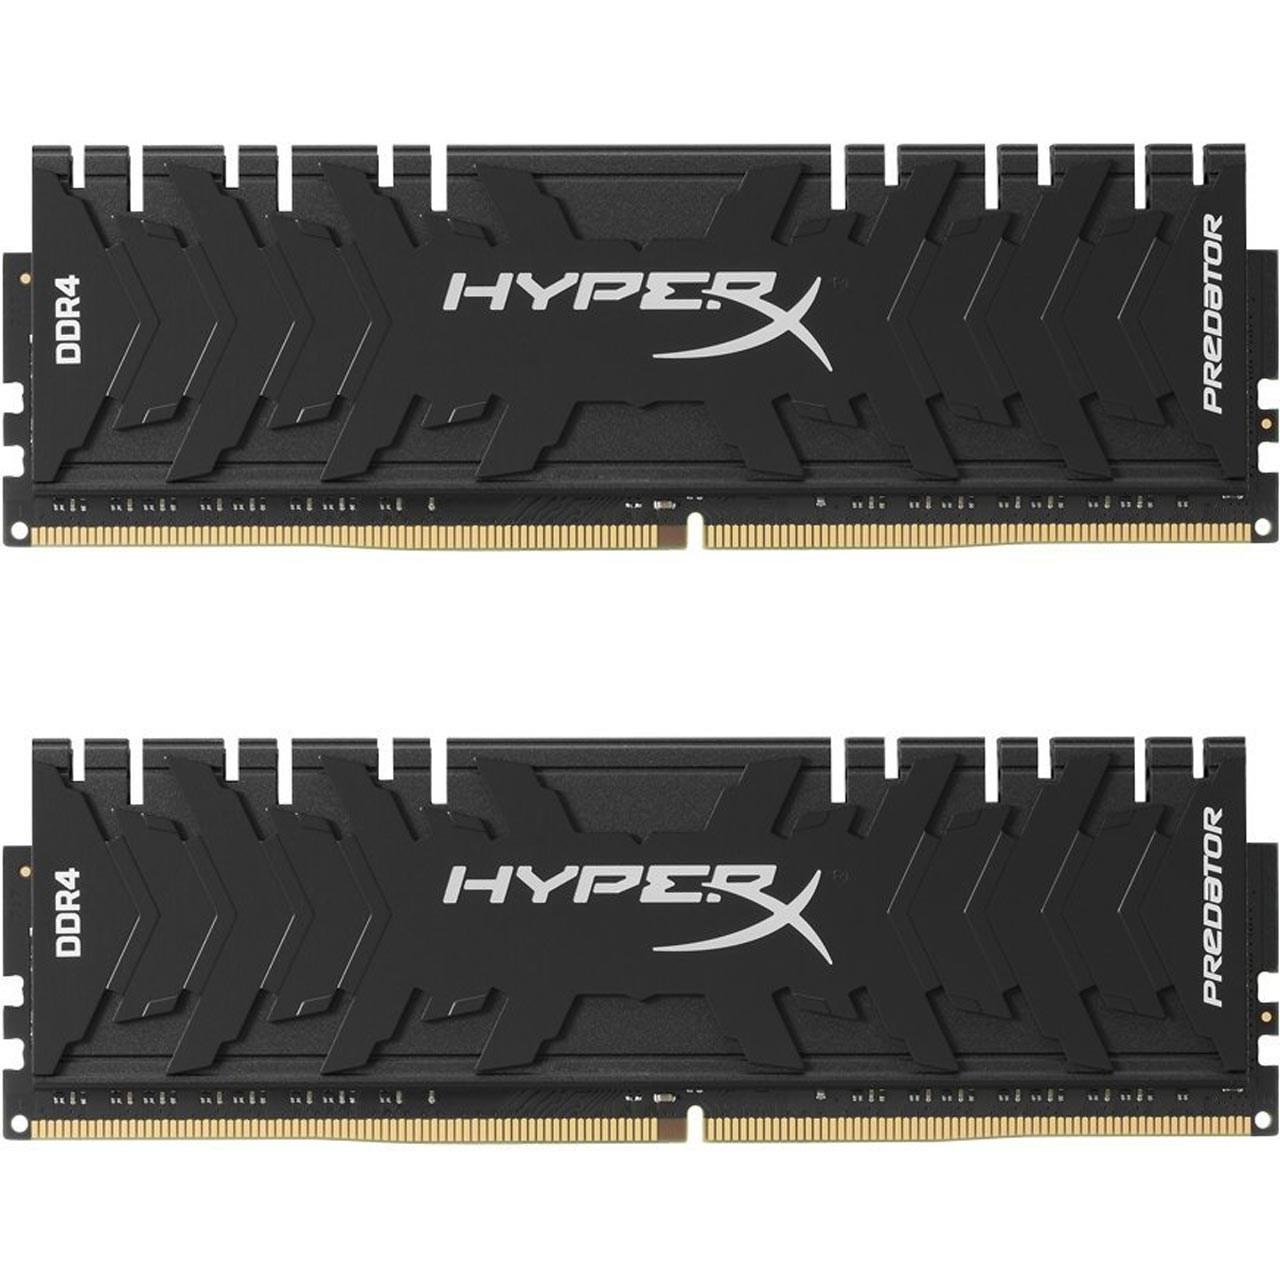 رم دسکتاپ DDR4 دو کاناله 3000 مگاهرتز CL15 کینگستون مدل HyperX Predator ظرفیت 32 گیگابایت